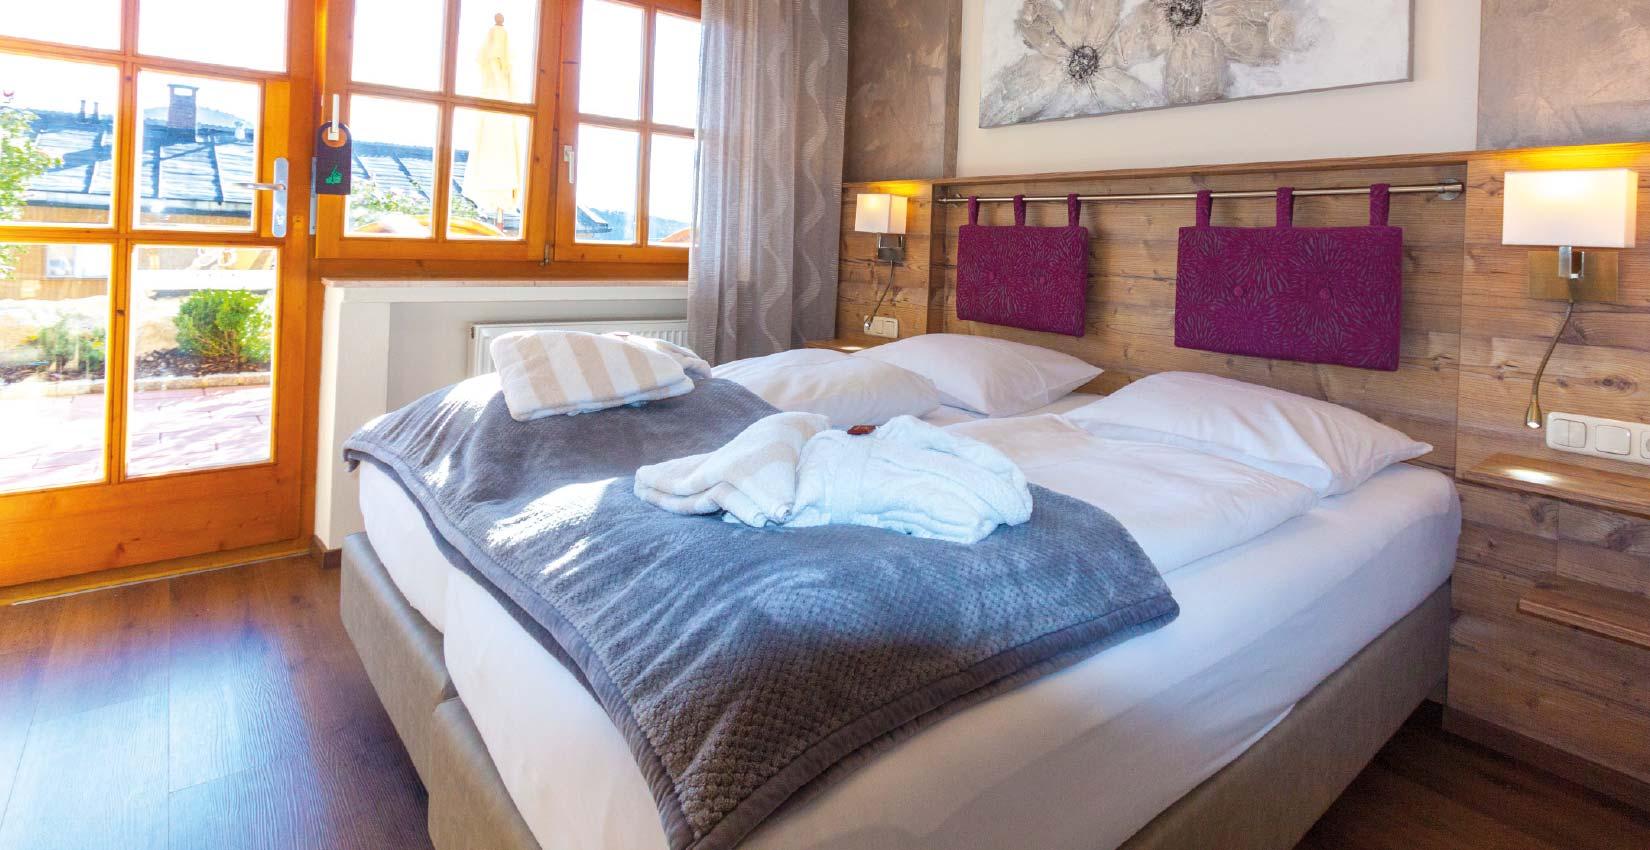 Ferienhaus Bergknappenhof Kat 12c Schlafzimmer